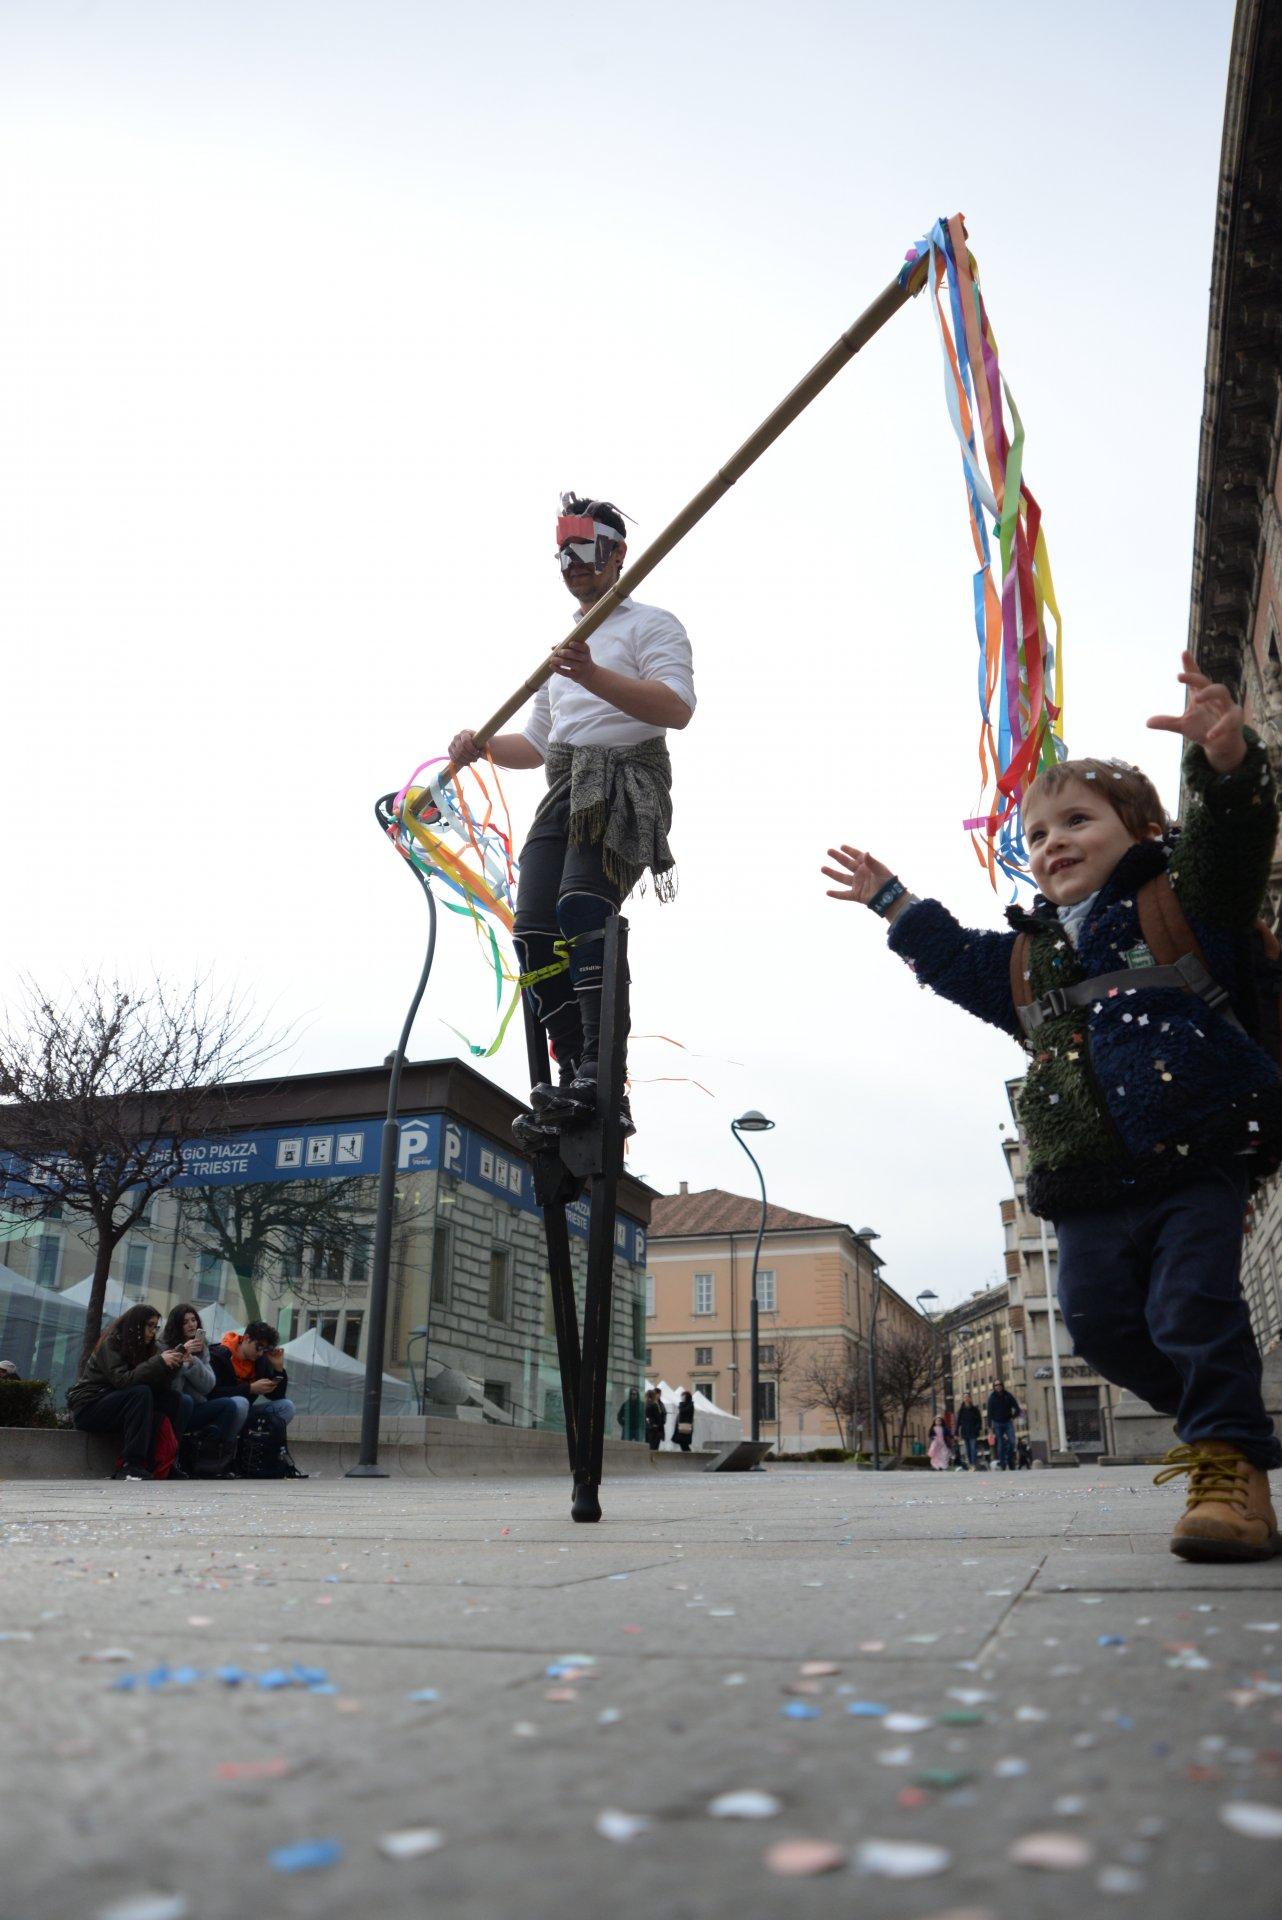 Carnevale a Monza, gli eventi in piazza Trento